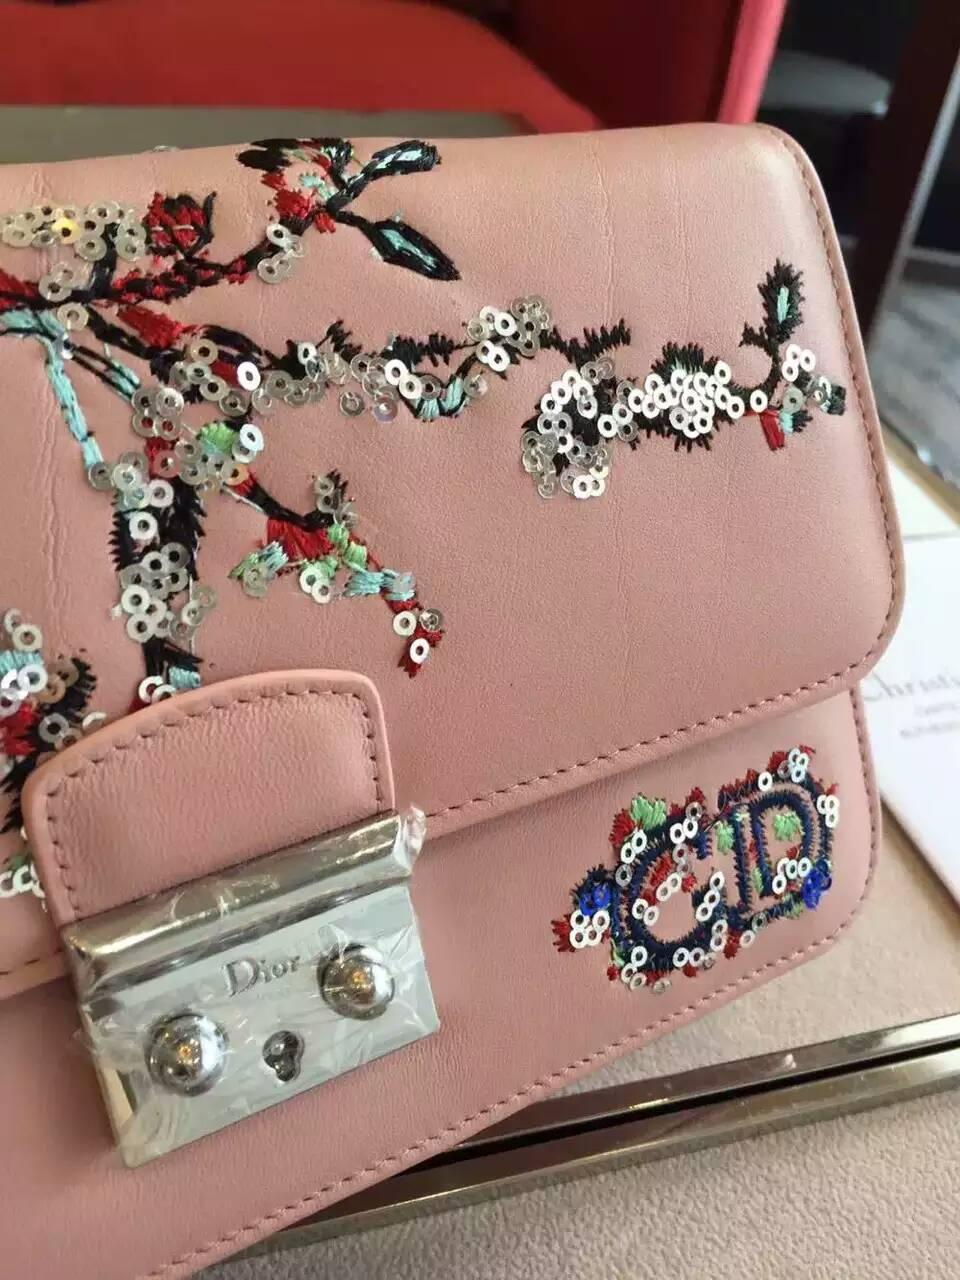 迪奥新款女包 粉色原版皮16限量刺绣款Miss Dior链条包斜挎包